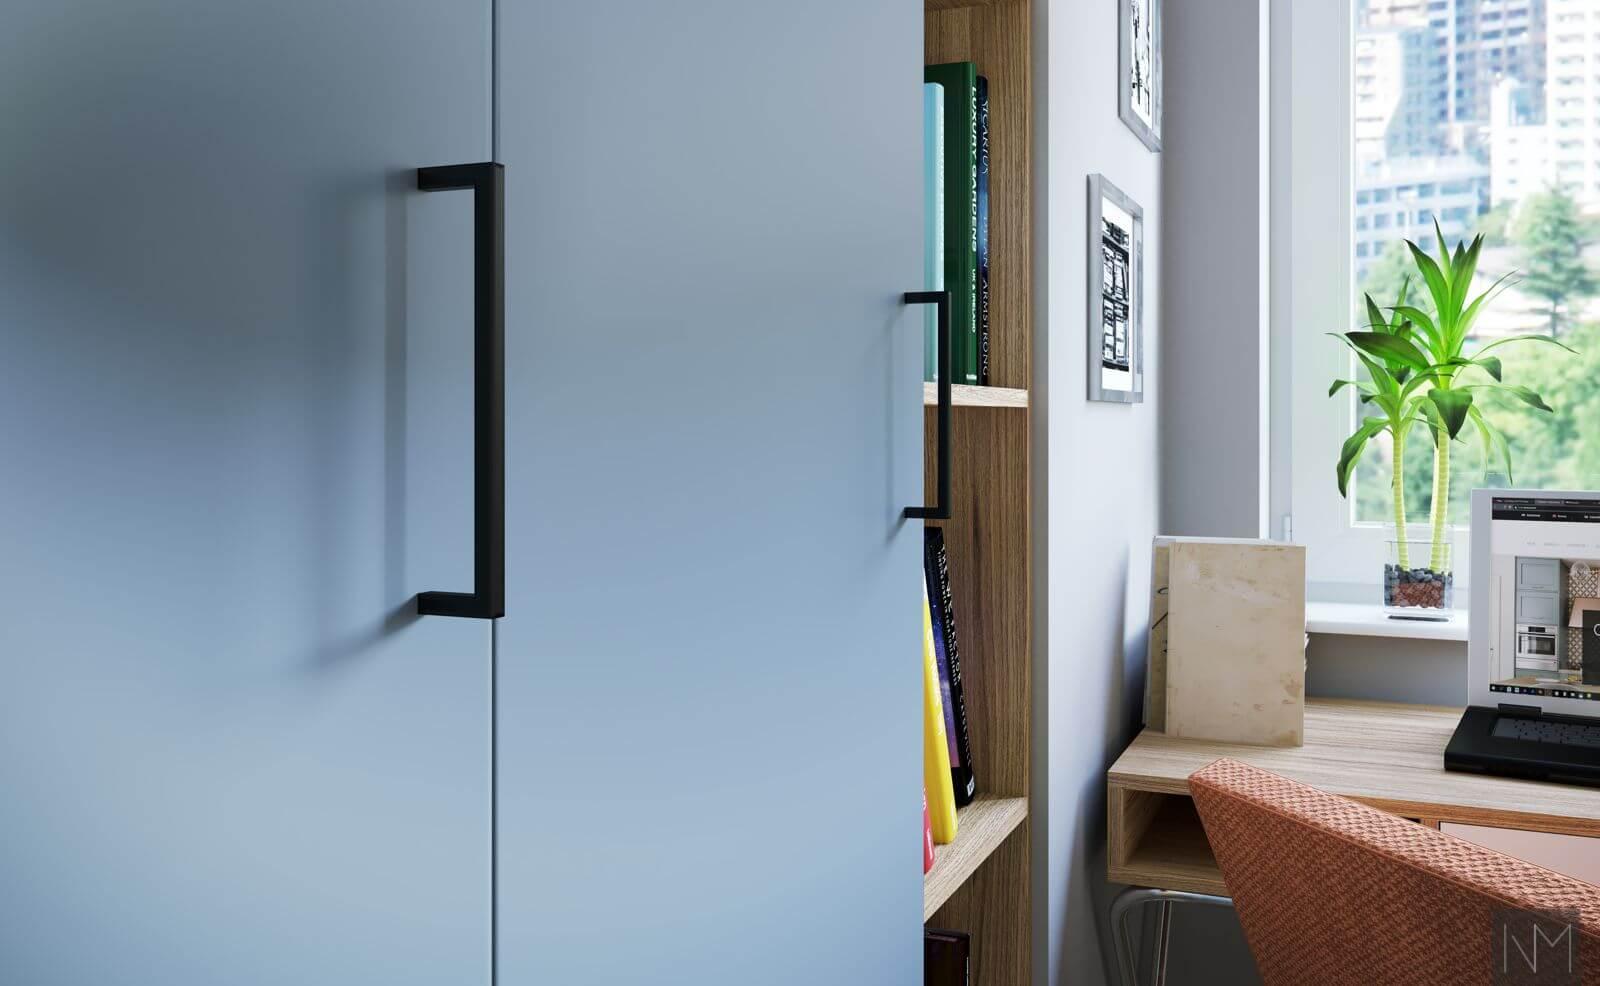 Garderobefronter til PAX garderobe fra IKEA. NCS S3030-R90B